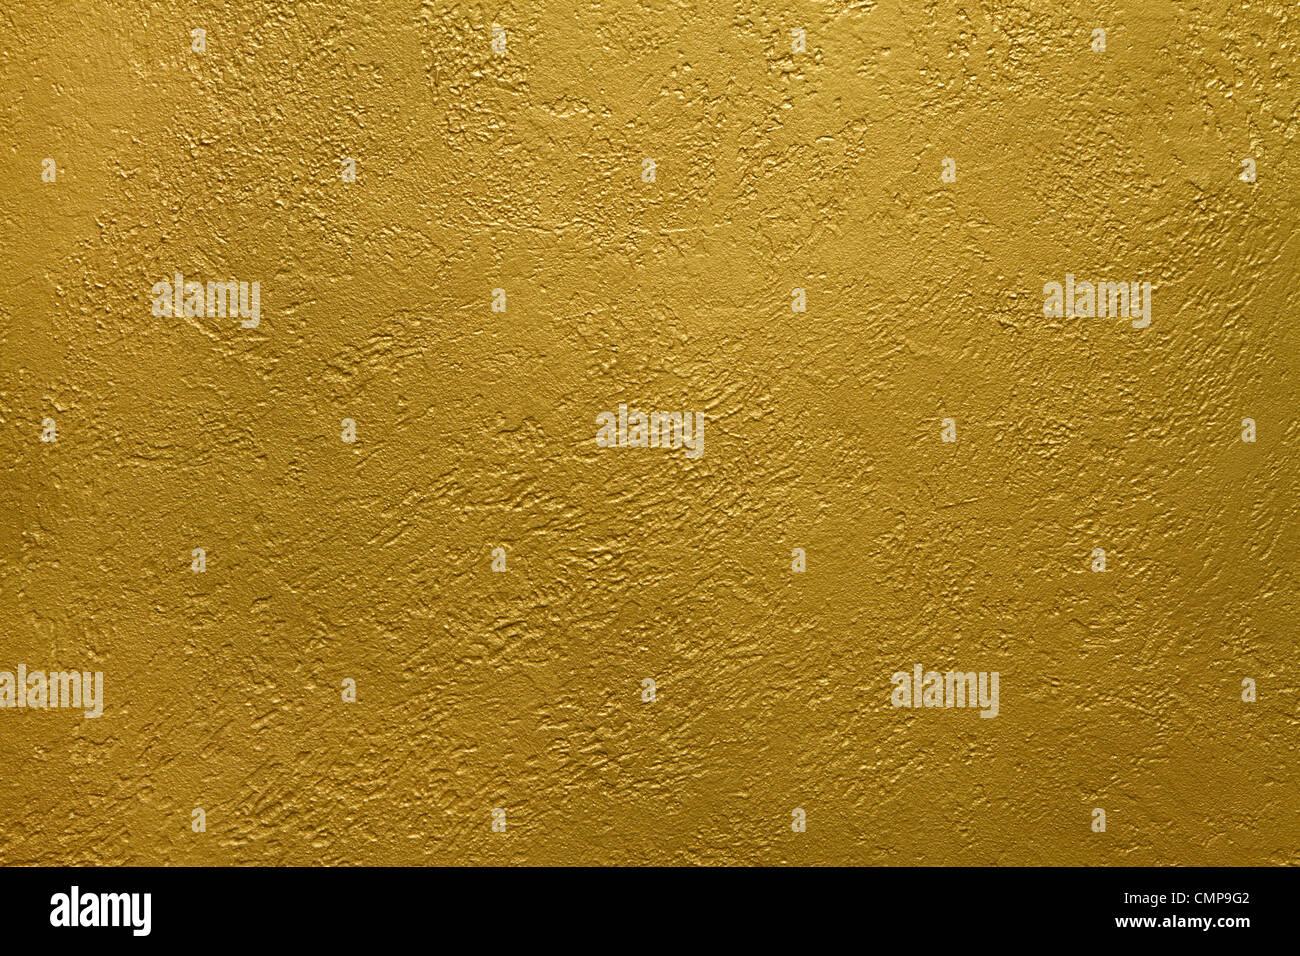 La texture di un muro di cemento rivestito con vernice dorata Immagini Stock